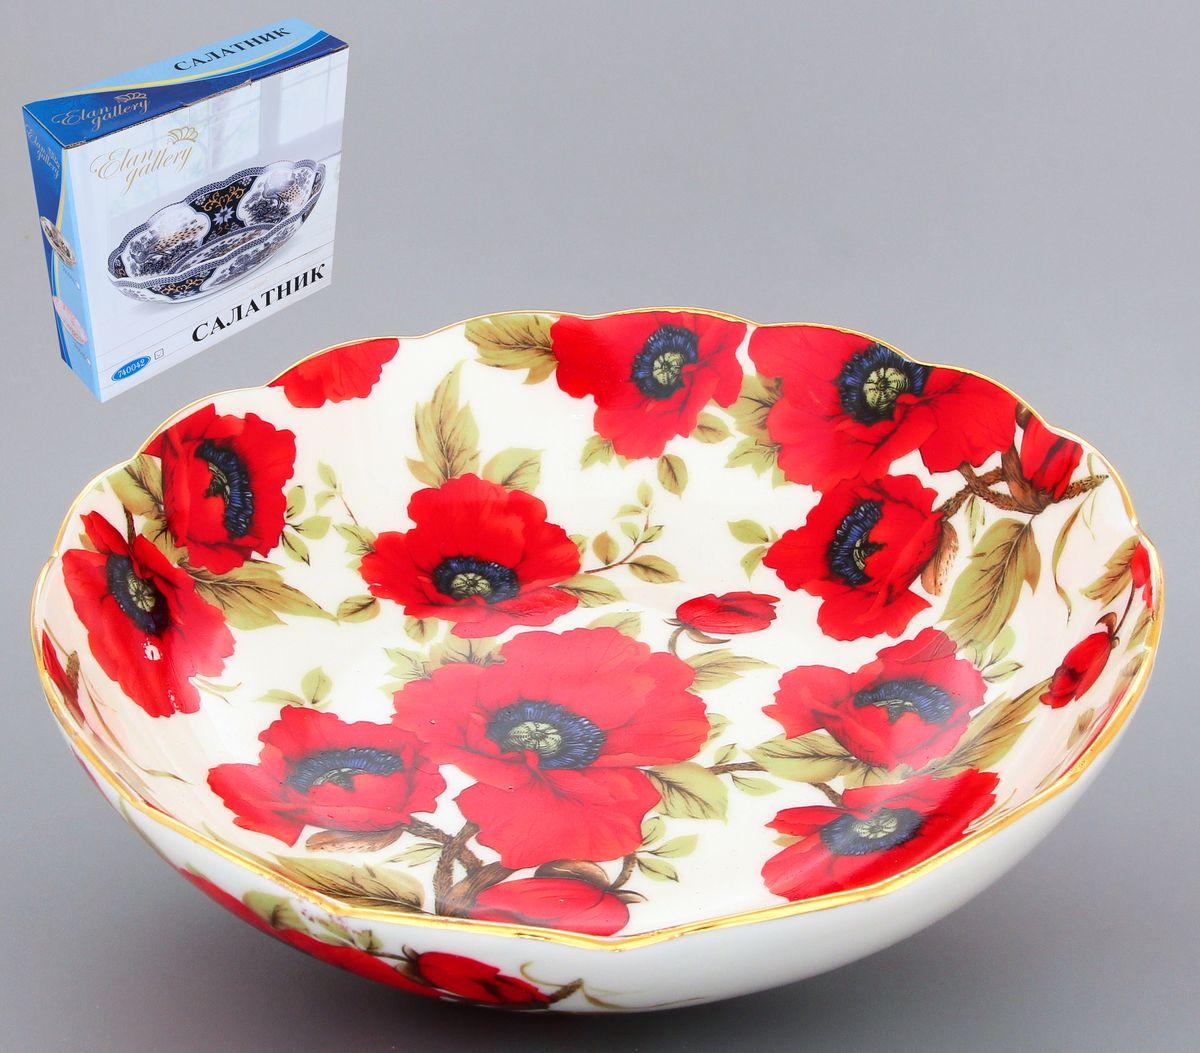 Салатник Elan Gallery Маки, 750 мл740127Великолепный салатник с волнистым краем Elan Gallery Маки, изготовленный из высококачественной керамики, прекрасно подойдет для подачи различных блюд: закусок, салатов или фруктов. Такой салатник украсит ваш праздничный или обеденный стол, а оригинальное исполнение понравится любой хозяйке. Диаметр салатника (по верхнему краю): 20 см. Высота салатника: 5,5 см. Объём салатника: 750 мл.